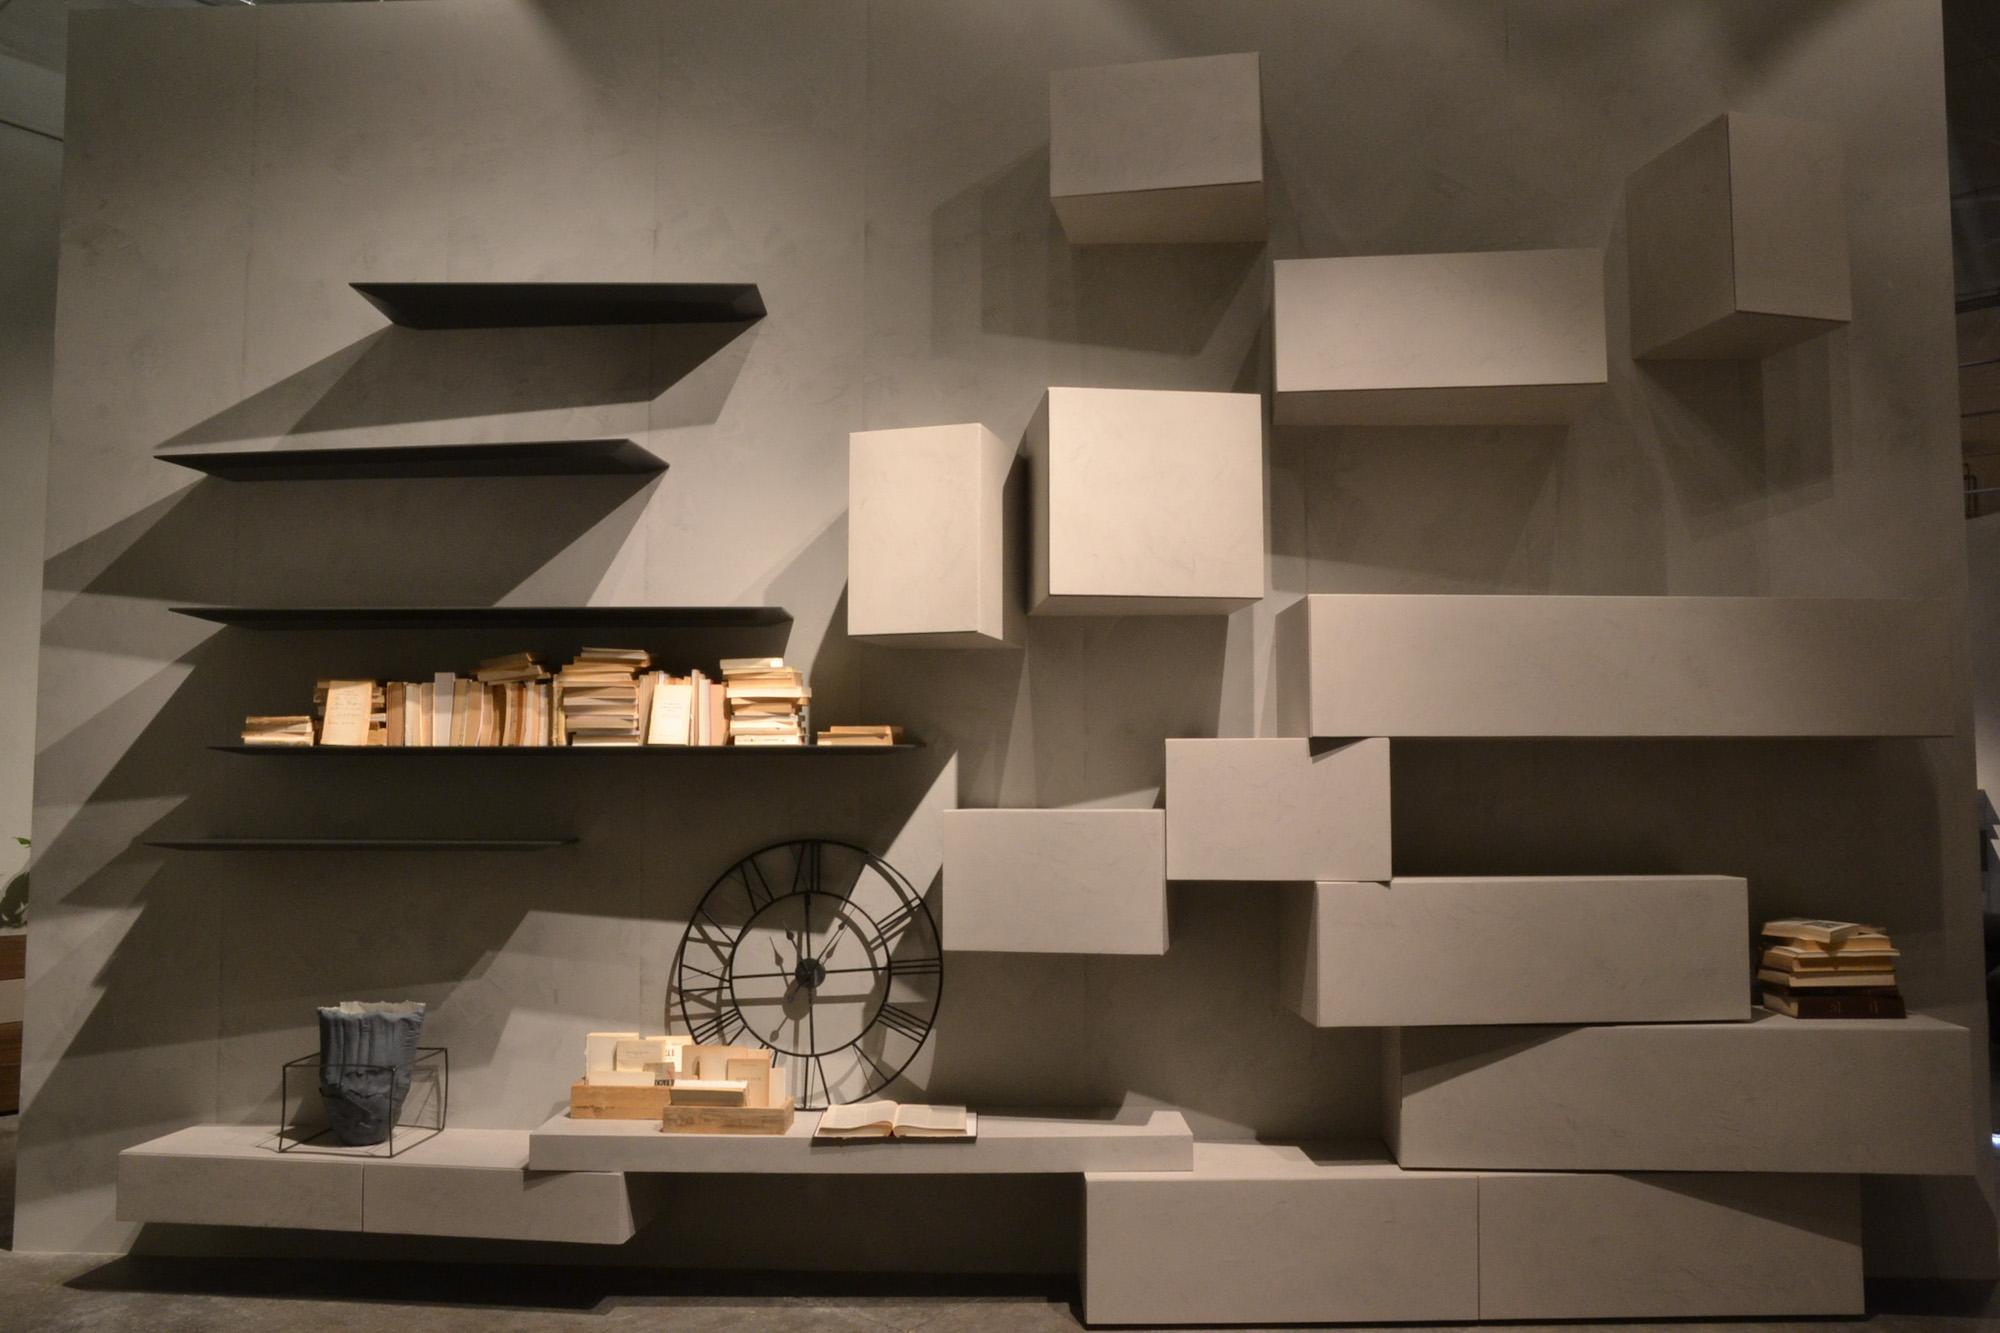 Wohnm bel m bel morschett for Muebles modernos para apartamentos